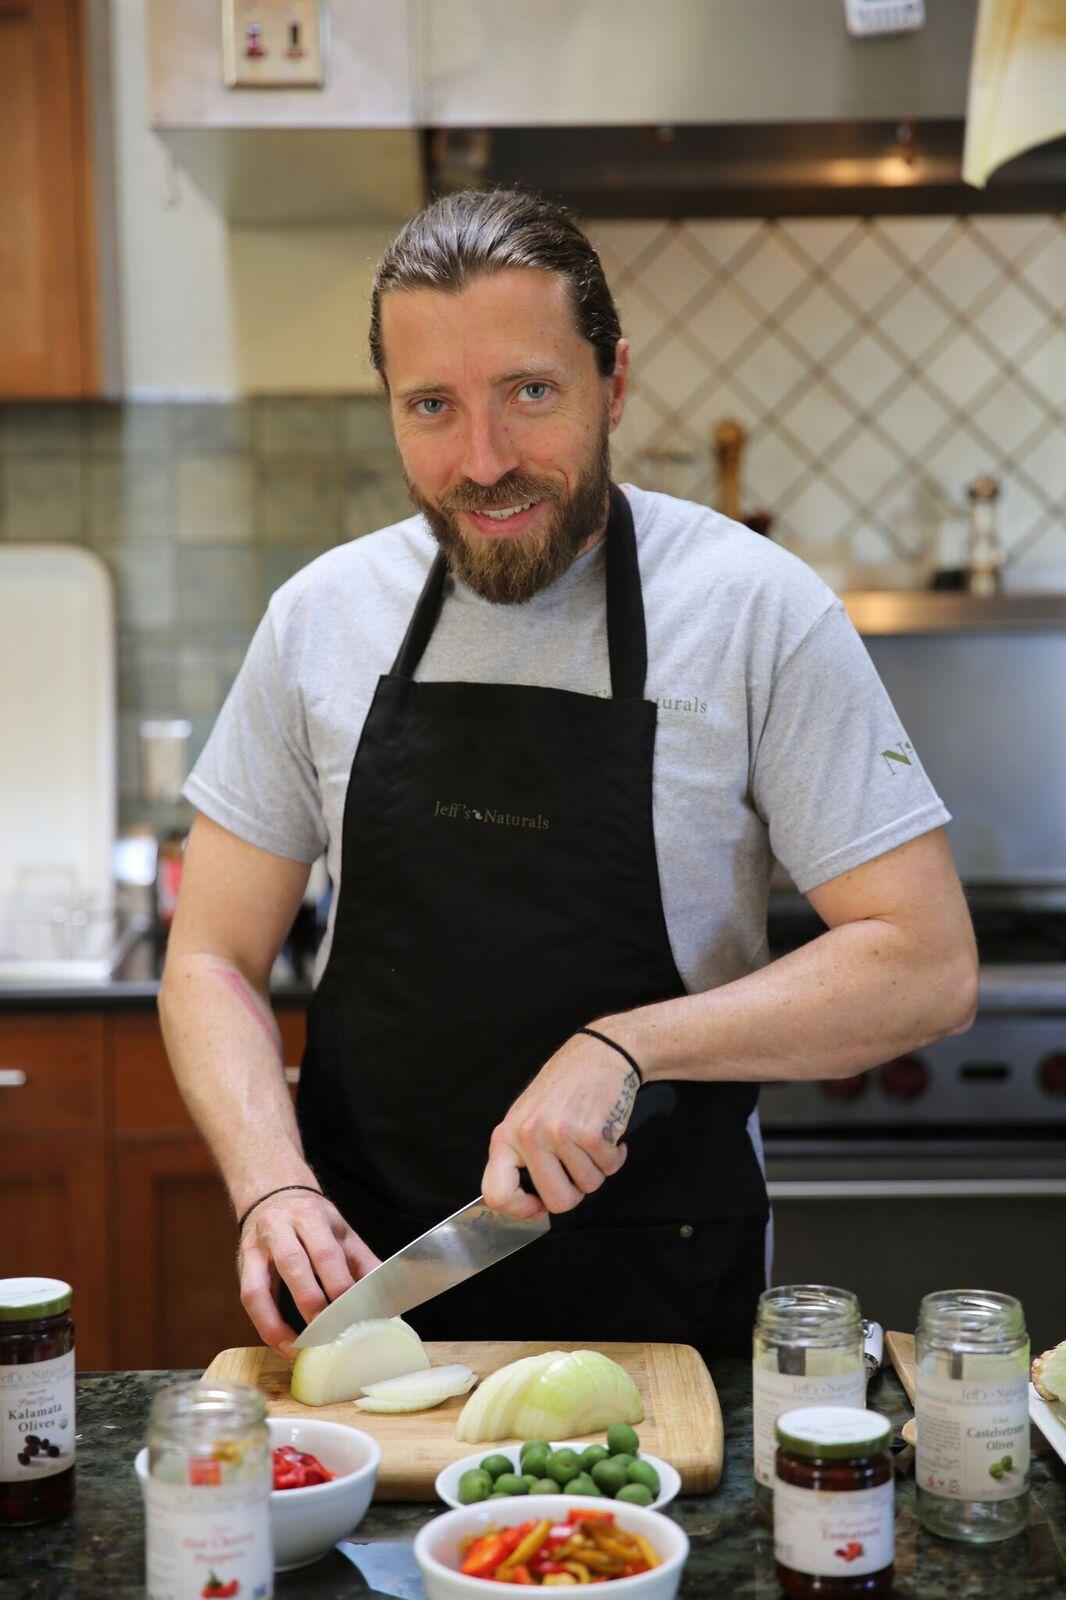 Jeff's Naturals Kitchen